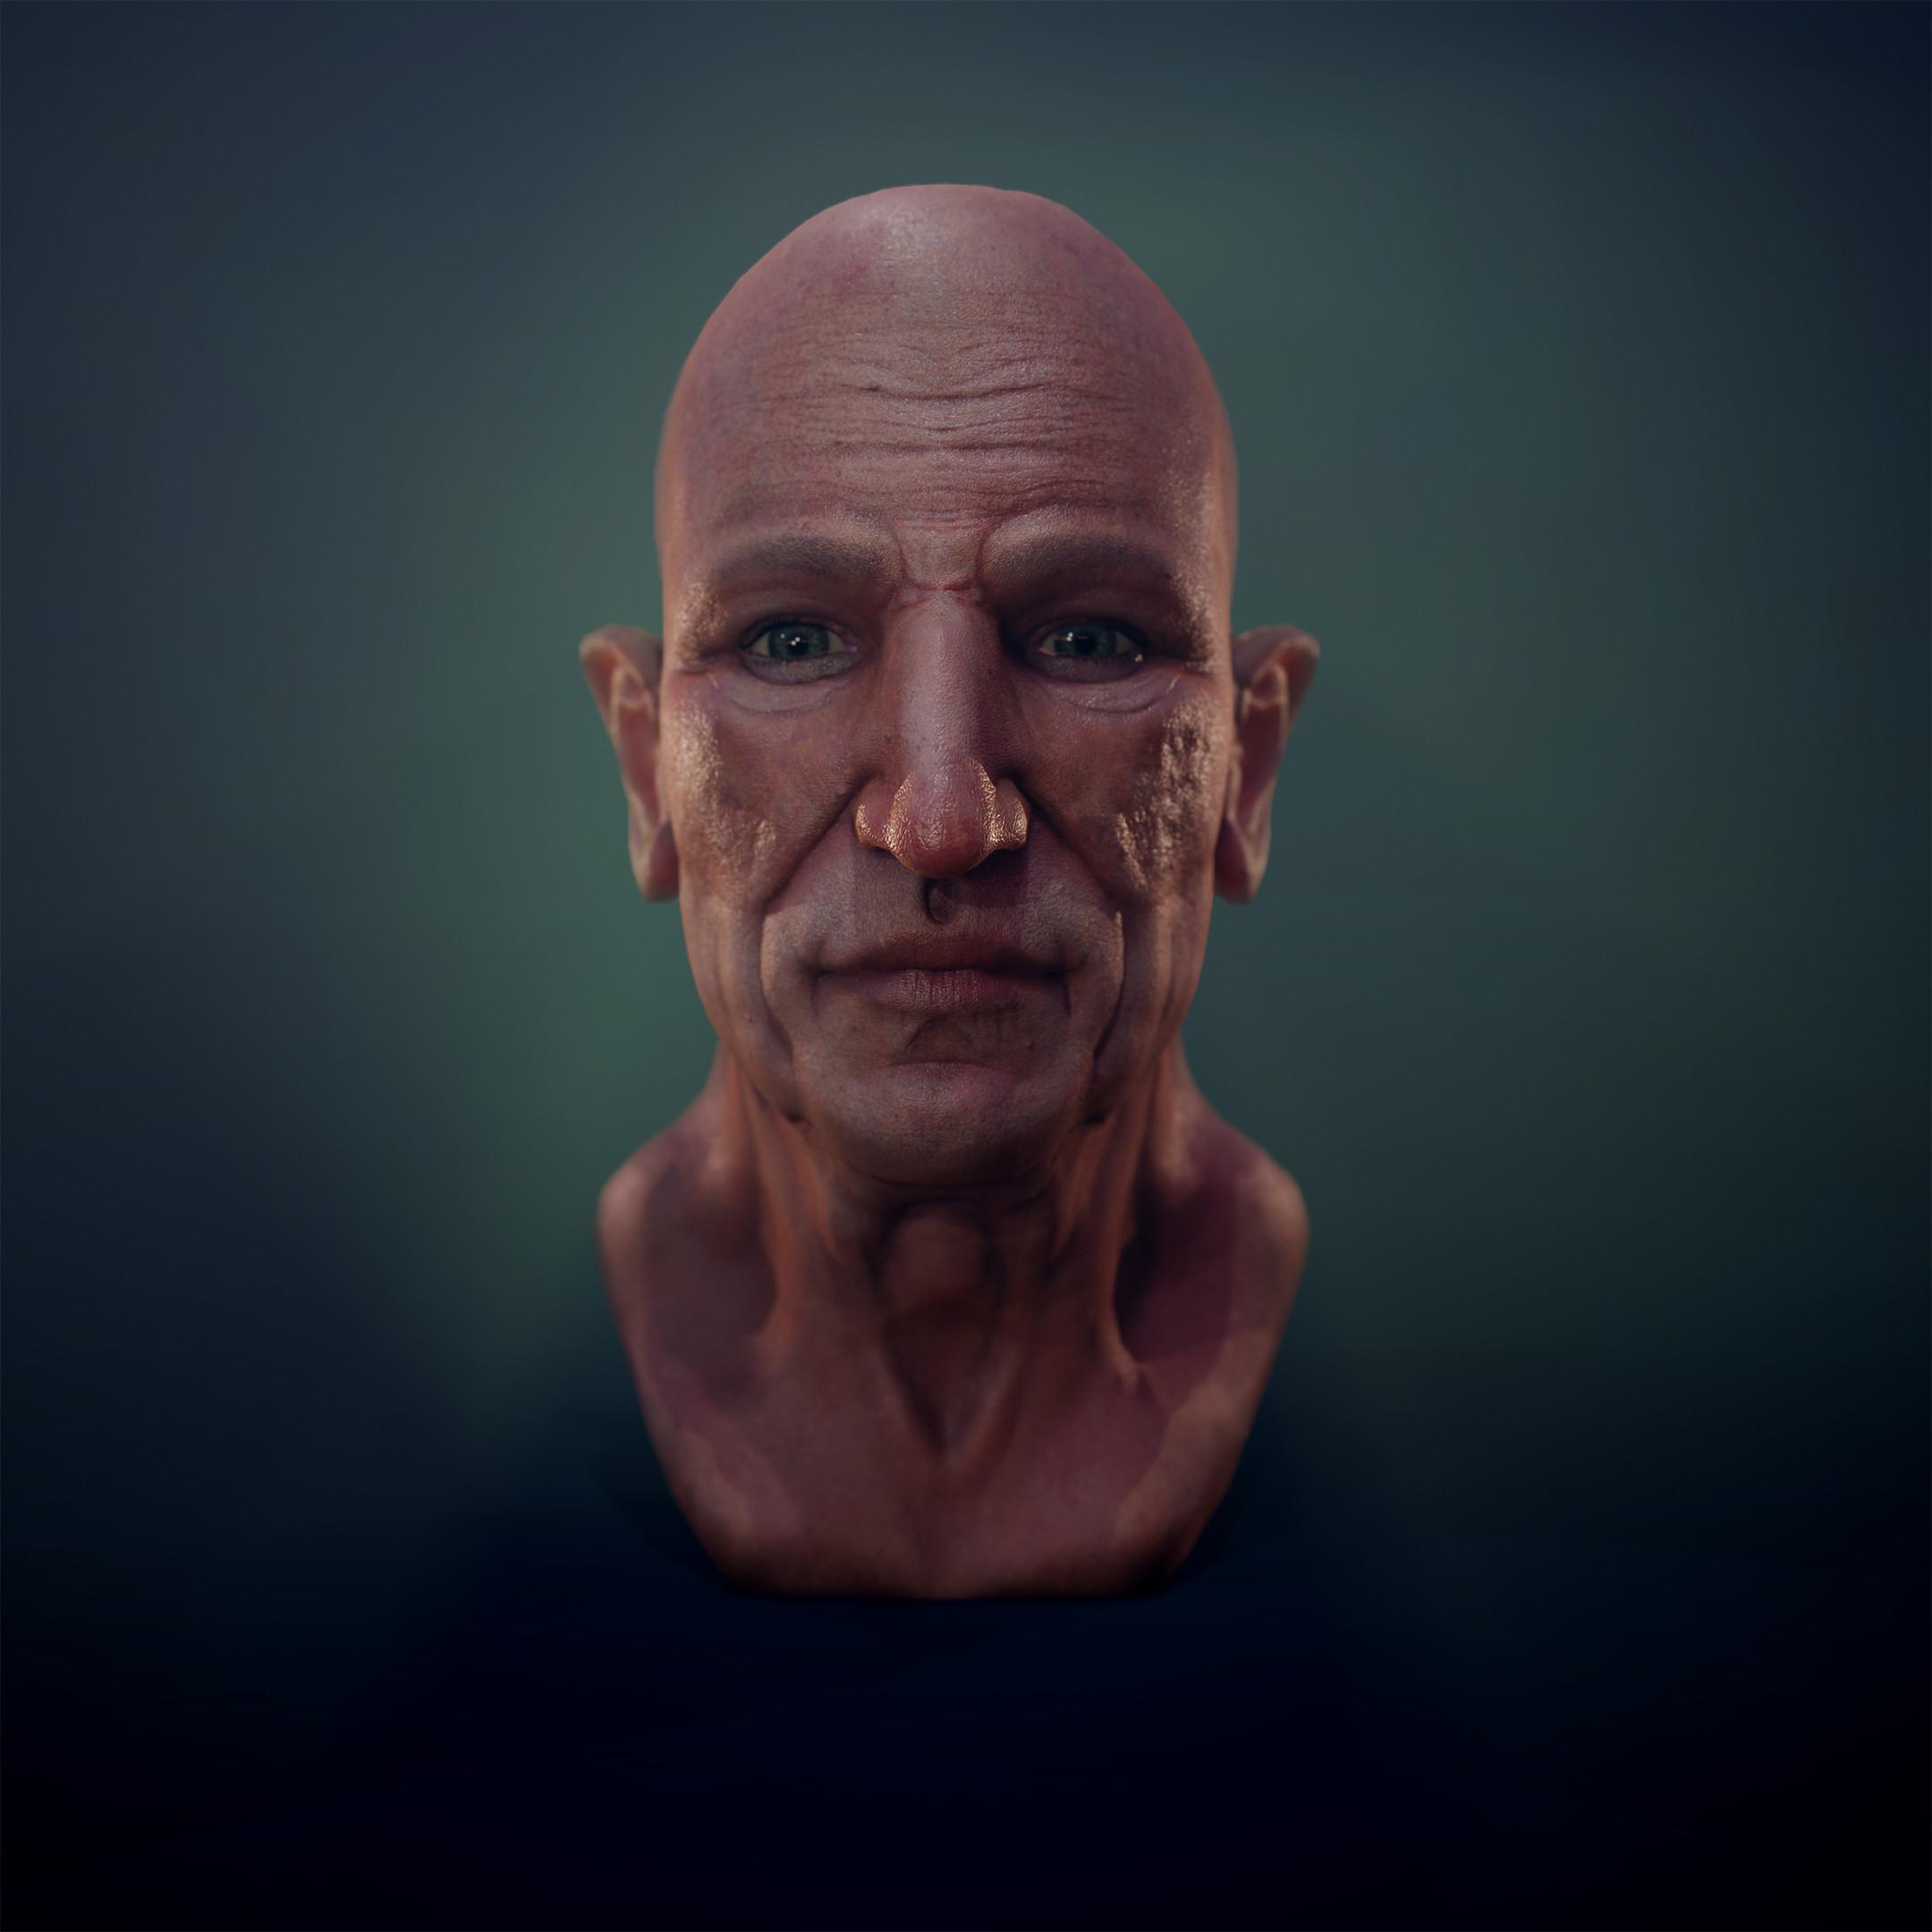 Elderly Facial Anatomy